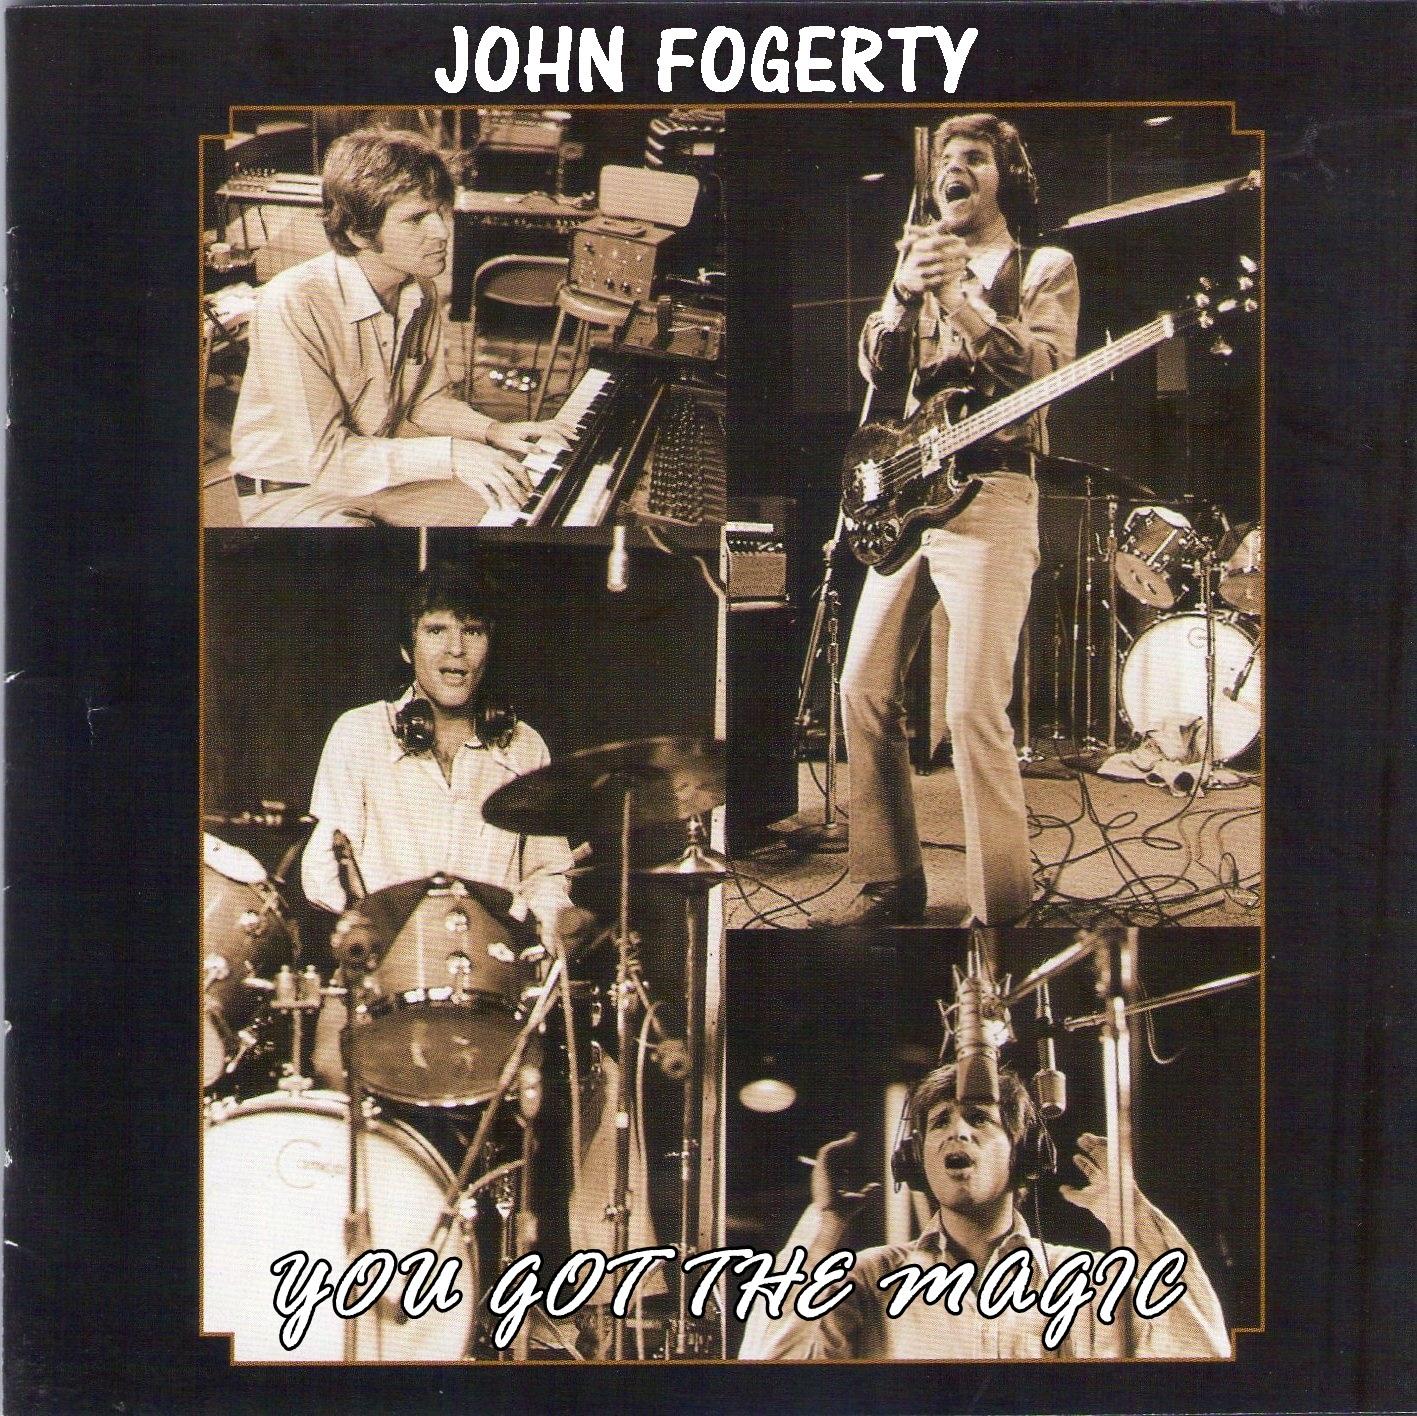 Diggy liggy lo john fogerty —